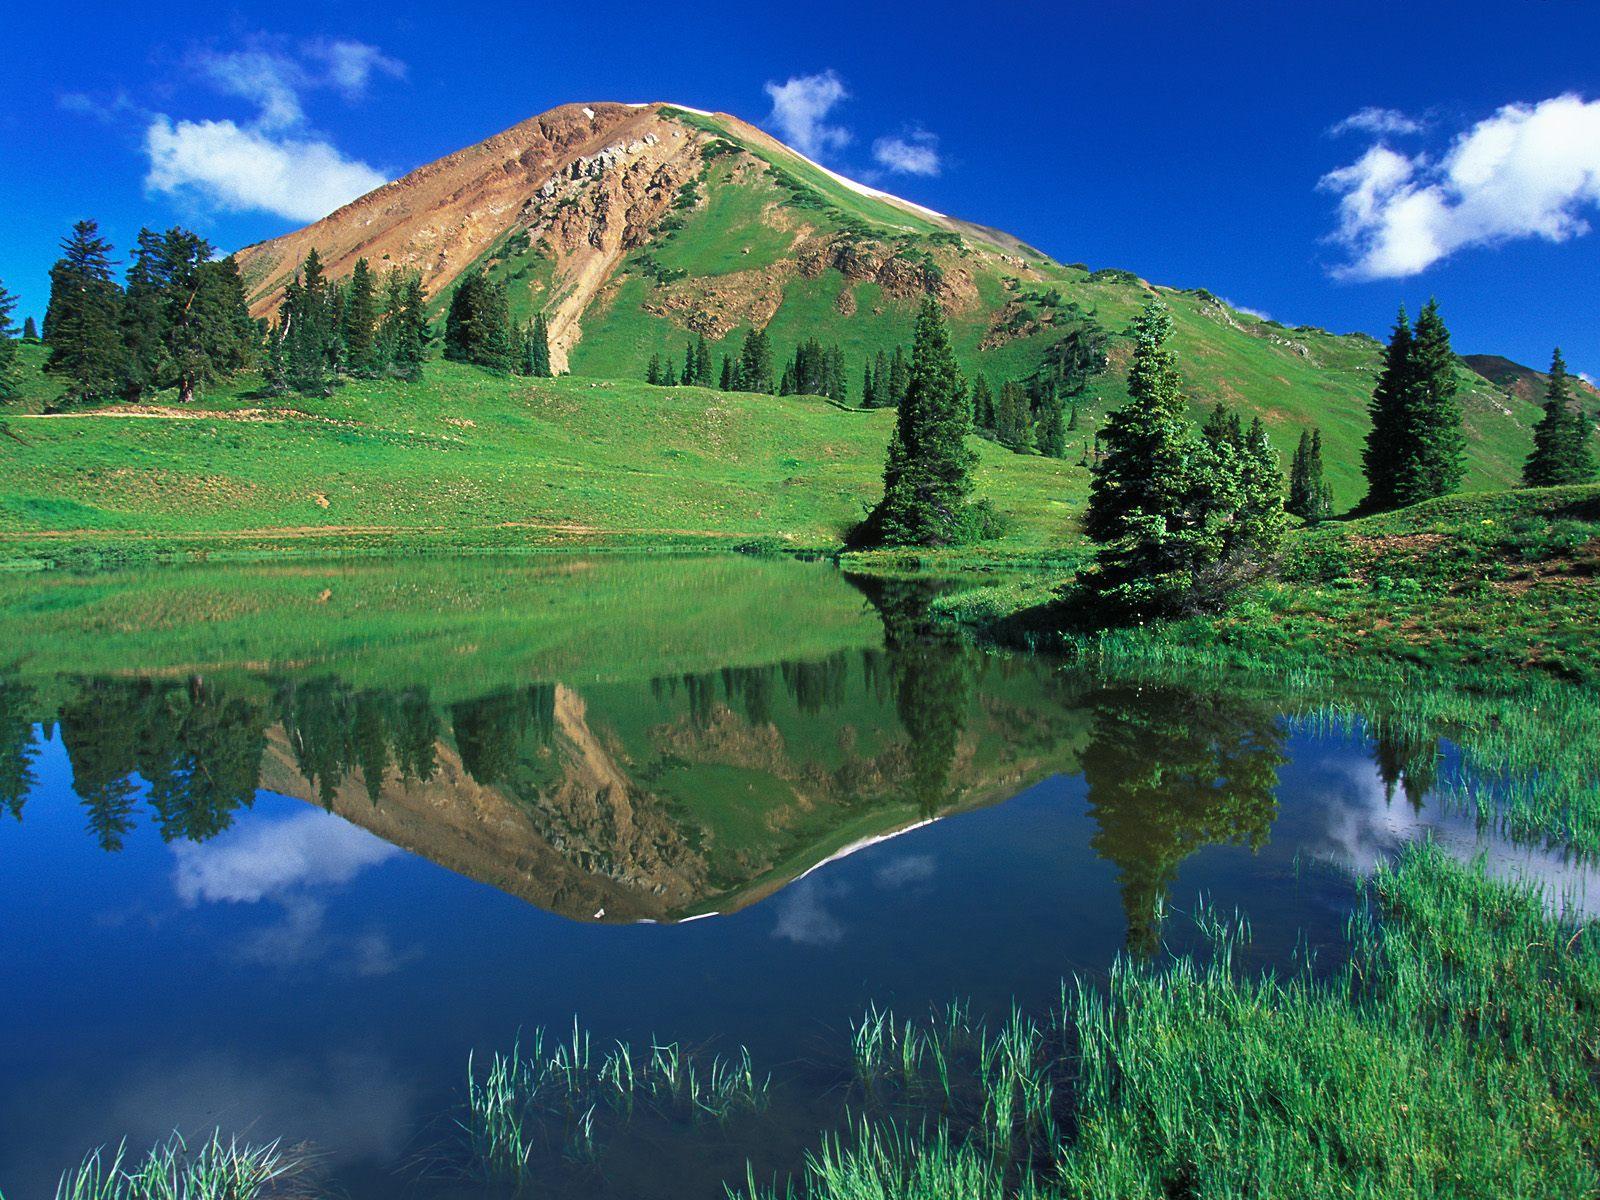 Alpine Pond Gunnison National Forest Colorado